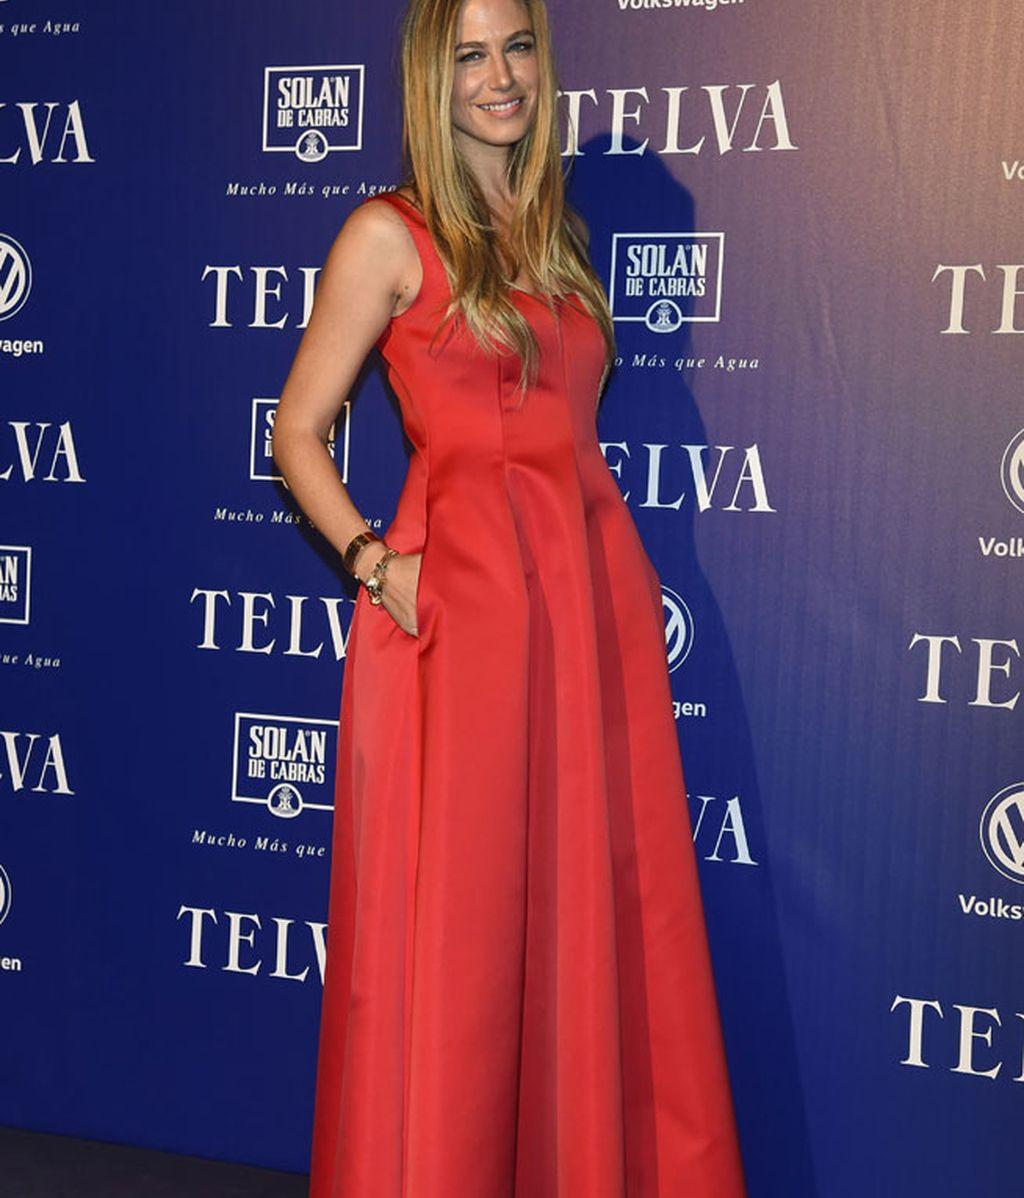 Martina Klein elegía vestido rojo de Carolina Herrera